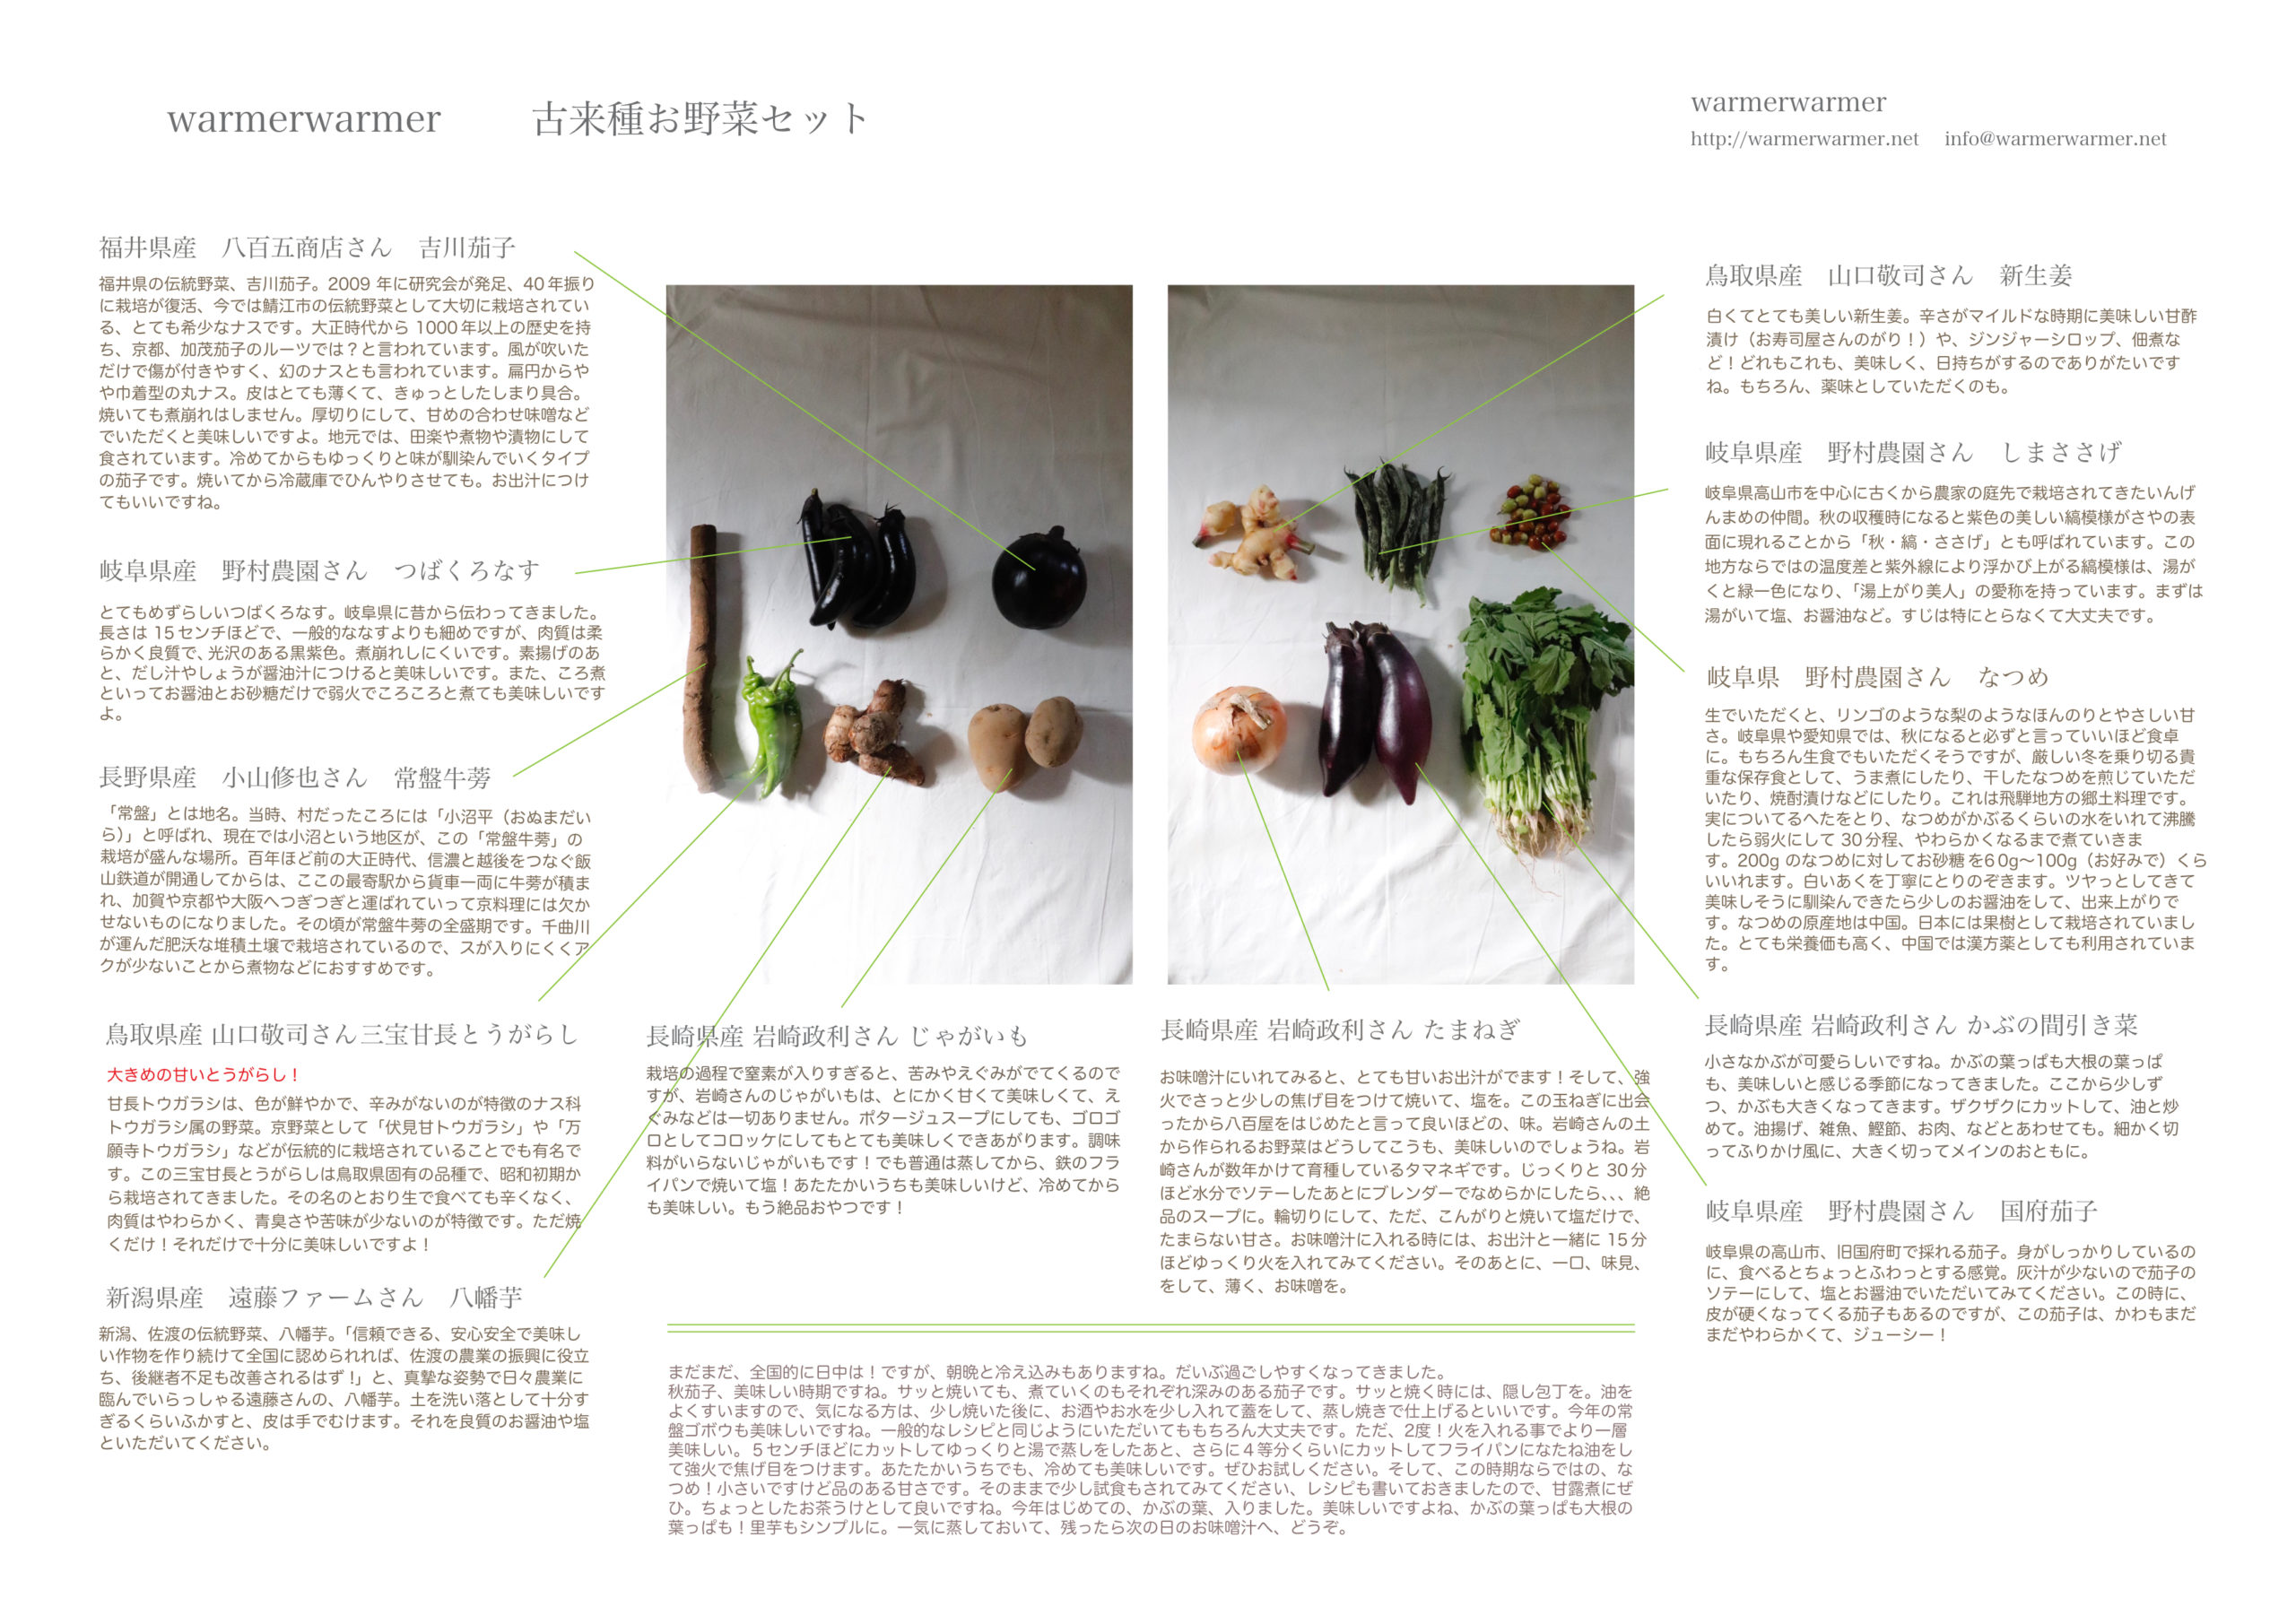 10月15日 本日のお野菜セットの内容です。